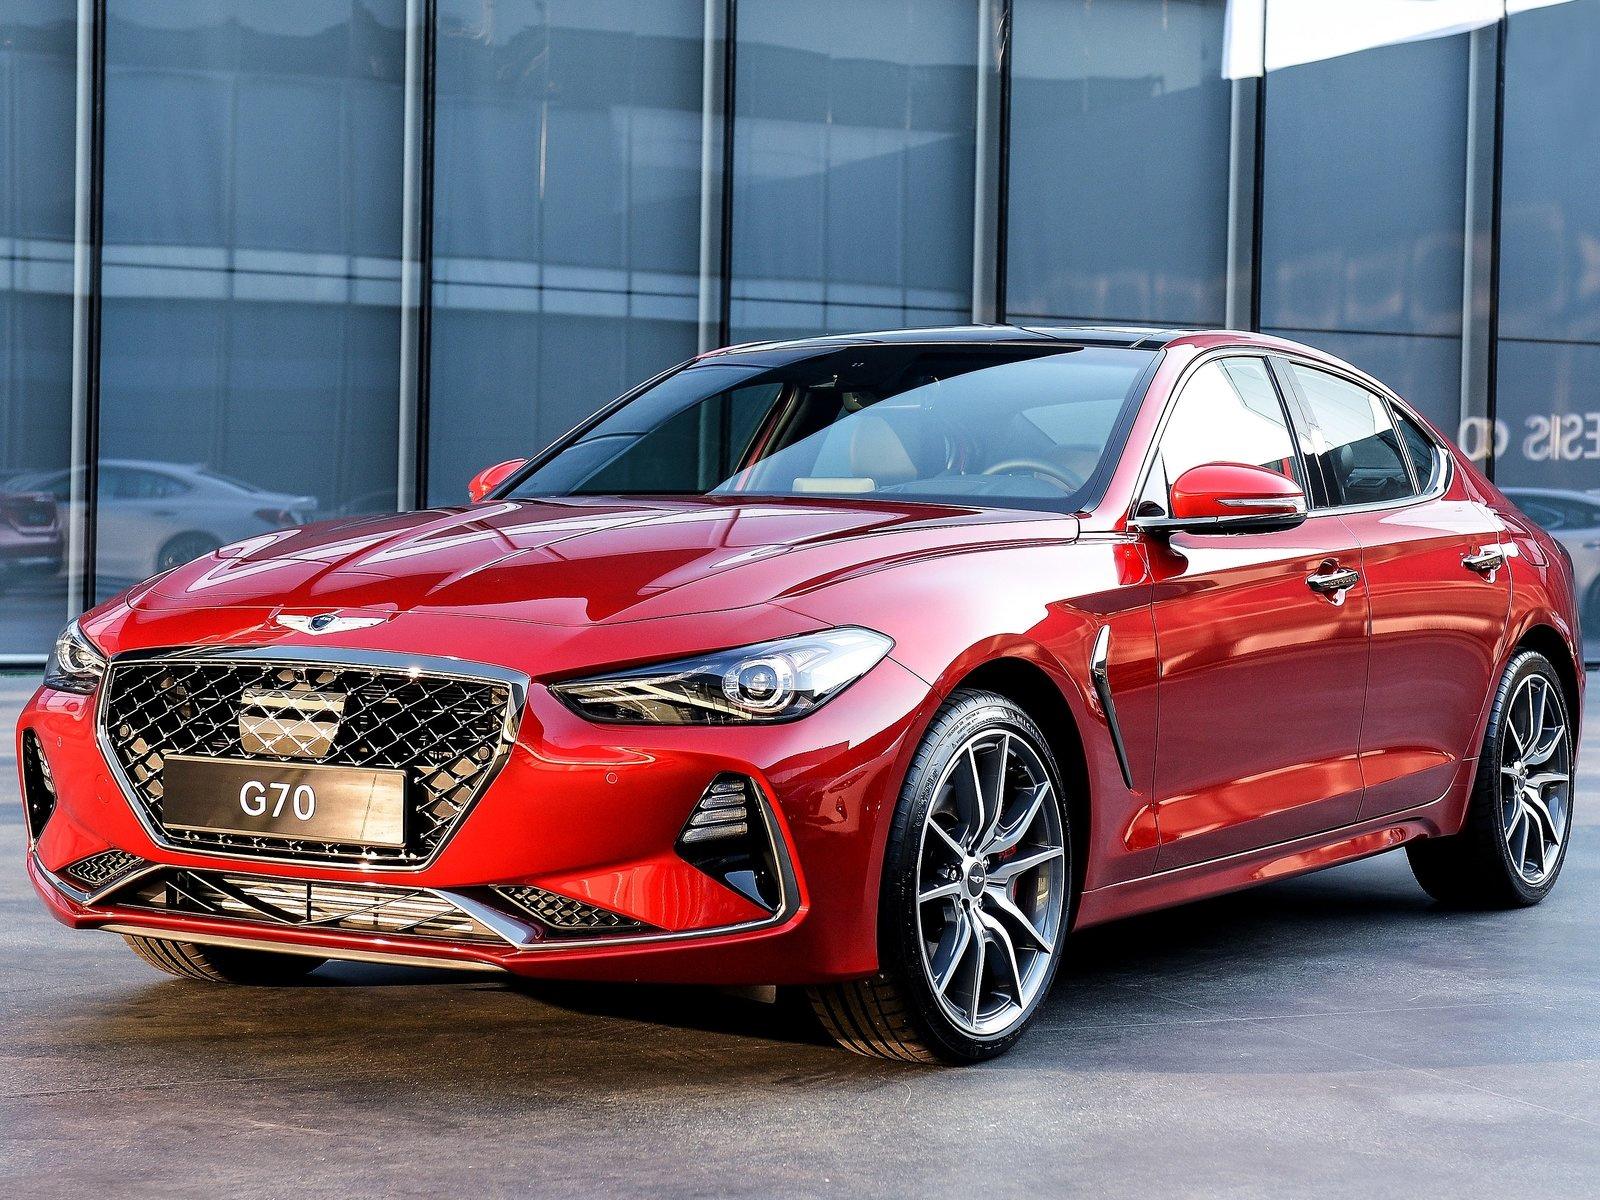 Фото Hyundai Genesis G70 - фотографии, фото салона Hyundai ...